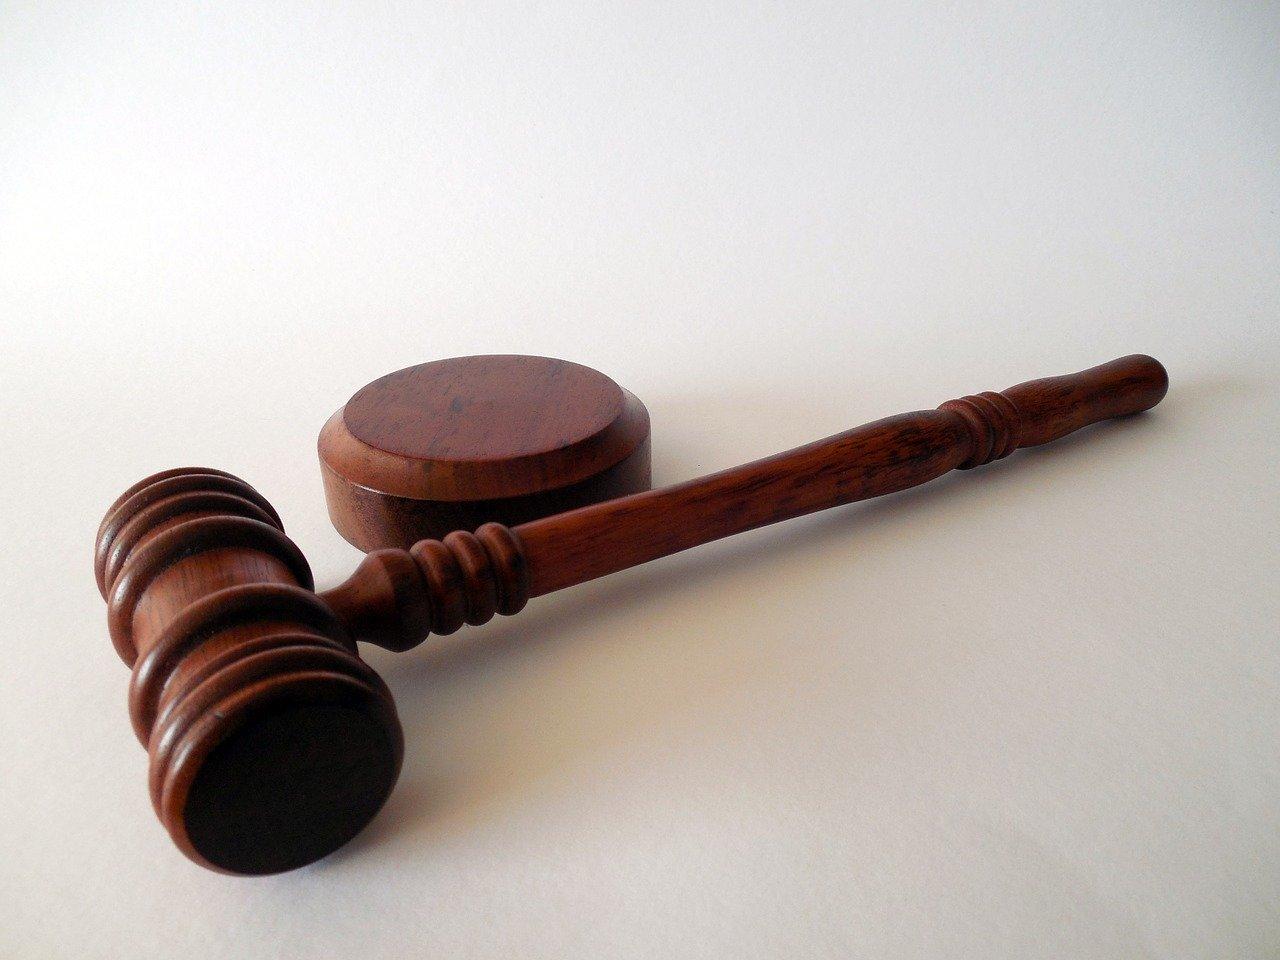 Czego powinienem się spodziewać podczas pracy z prawnikiem?